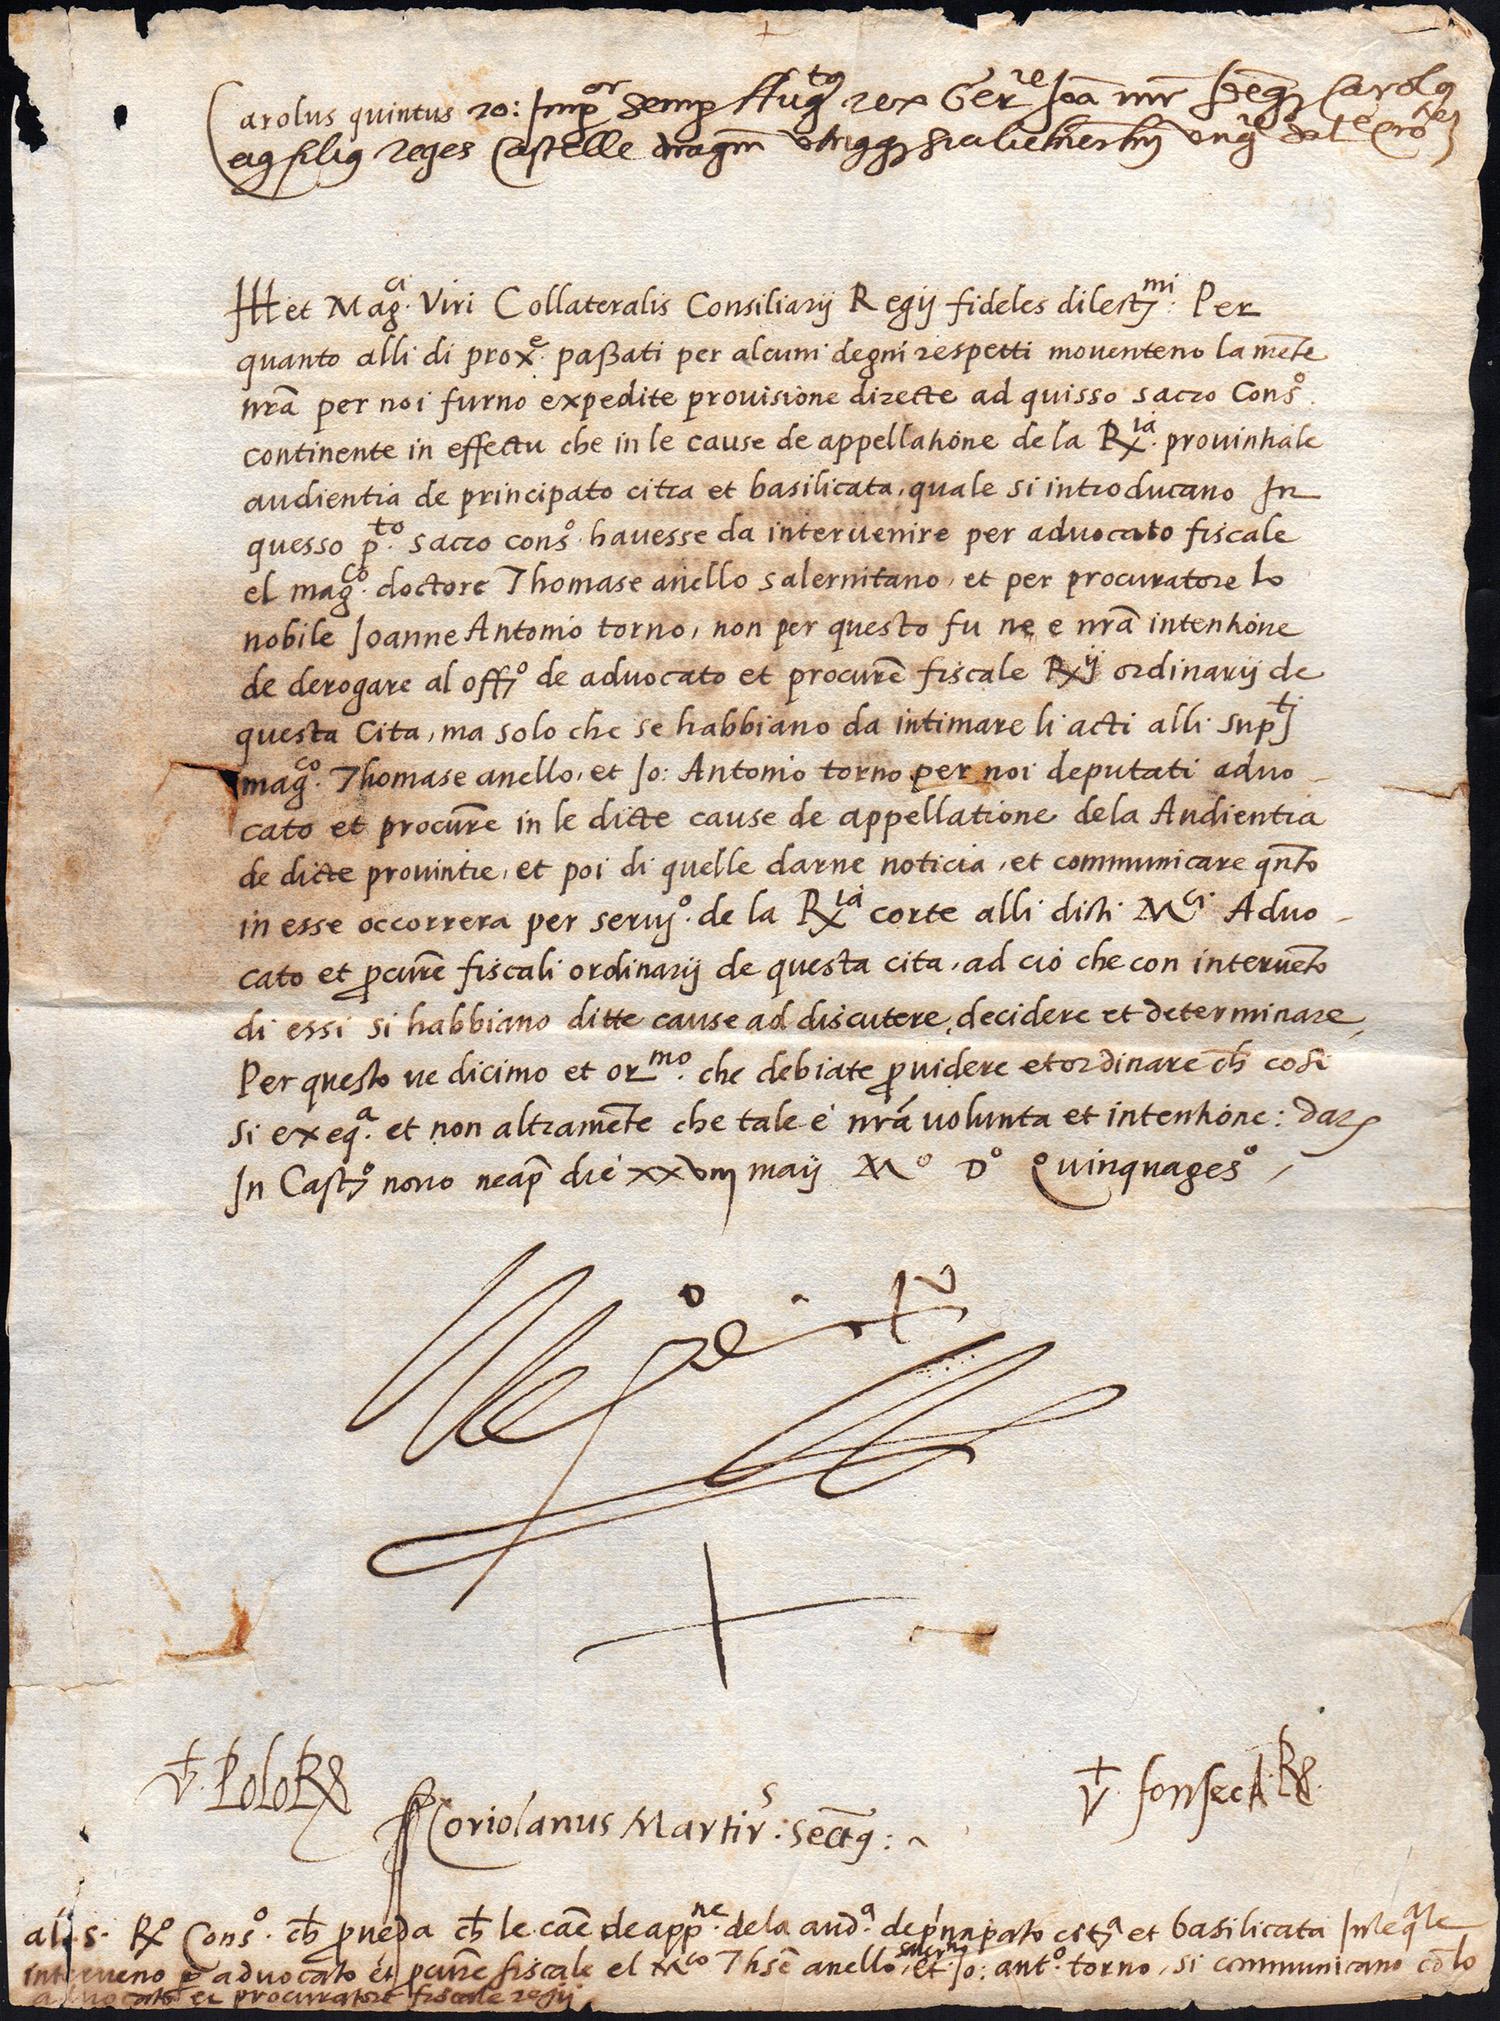 1550 - CARLO D'ASBURGO - Lettera a firma di Carlo V d'Asburgo, jo el Rey, Imperatore del Sacro Romano Impero, Re di Napoli, Re di Spagna, Re di Sardegna e Re di Sicilia.